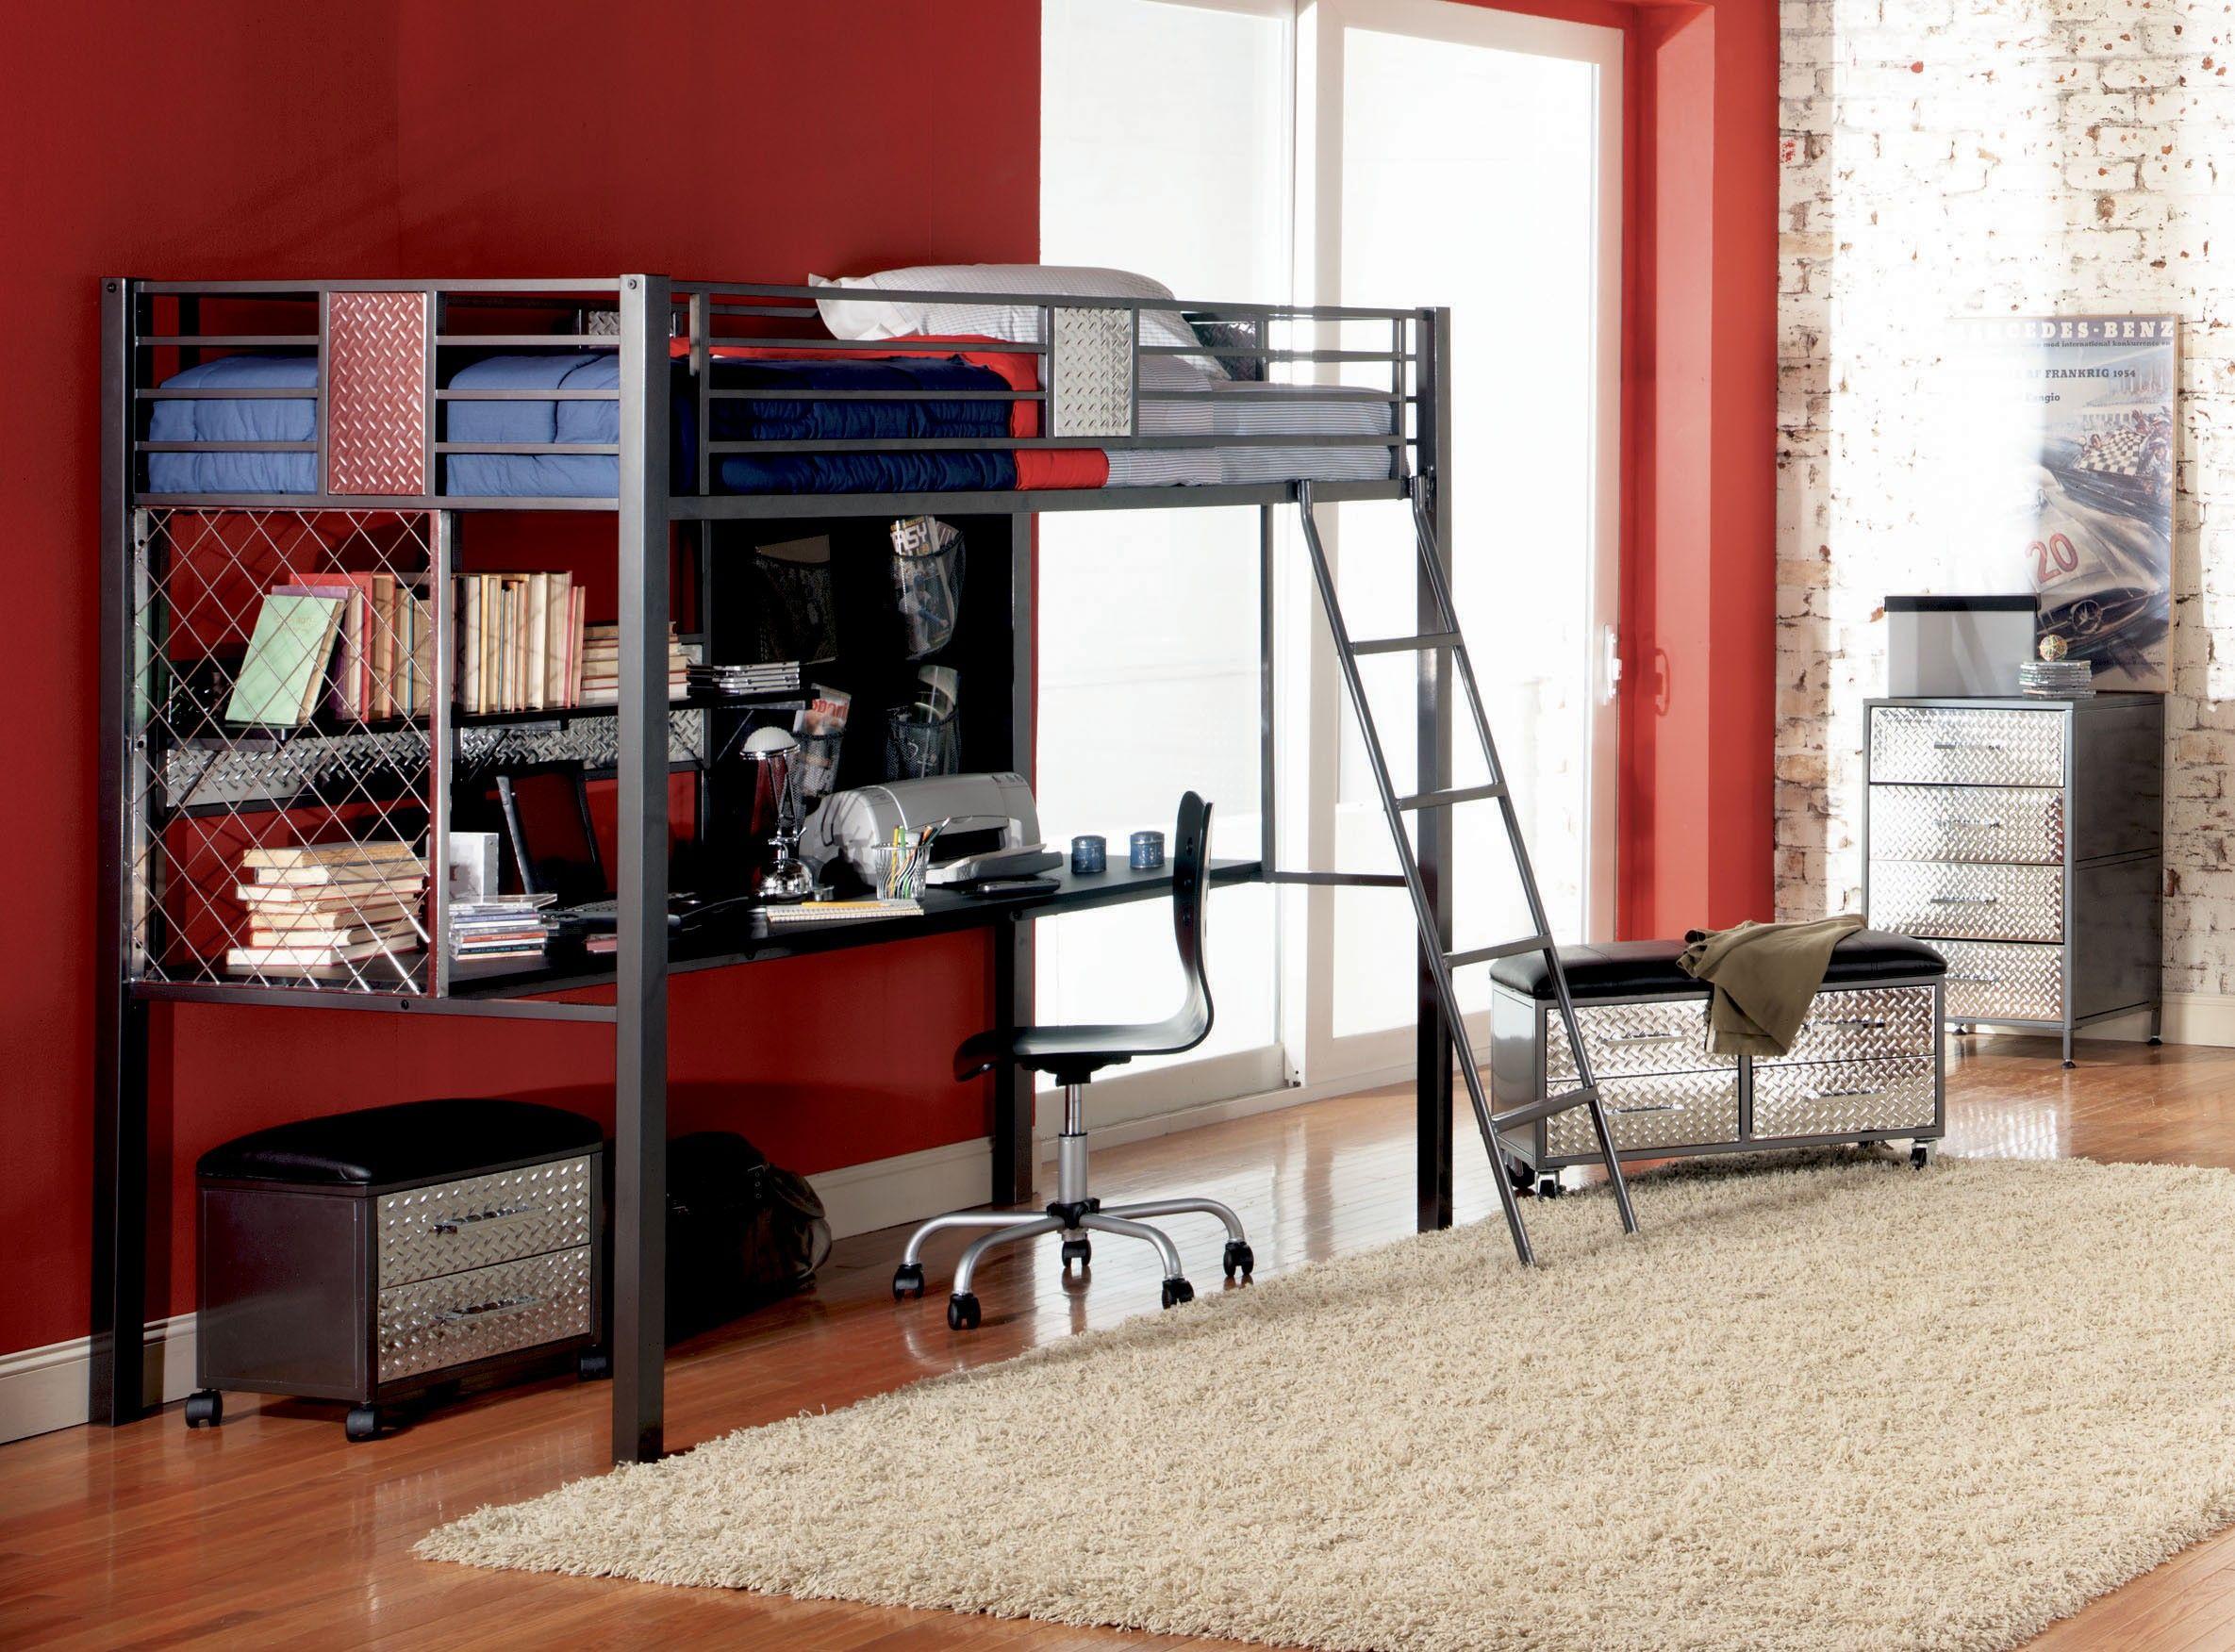 Powell Monster Bedroom Twin Study Loft Bunk Bed